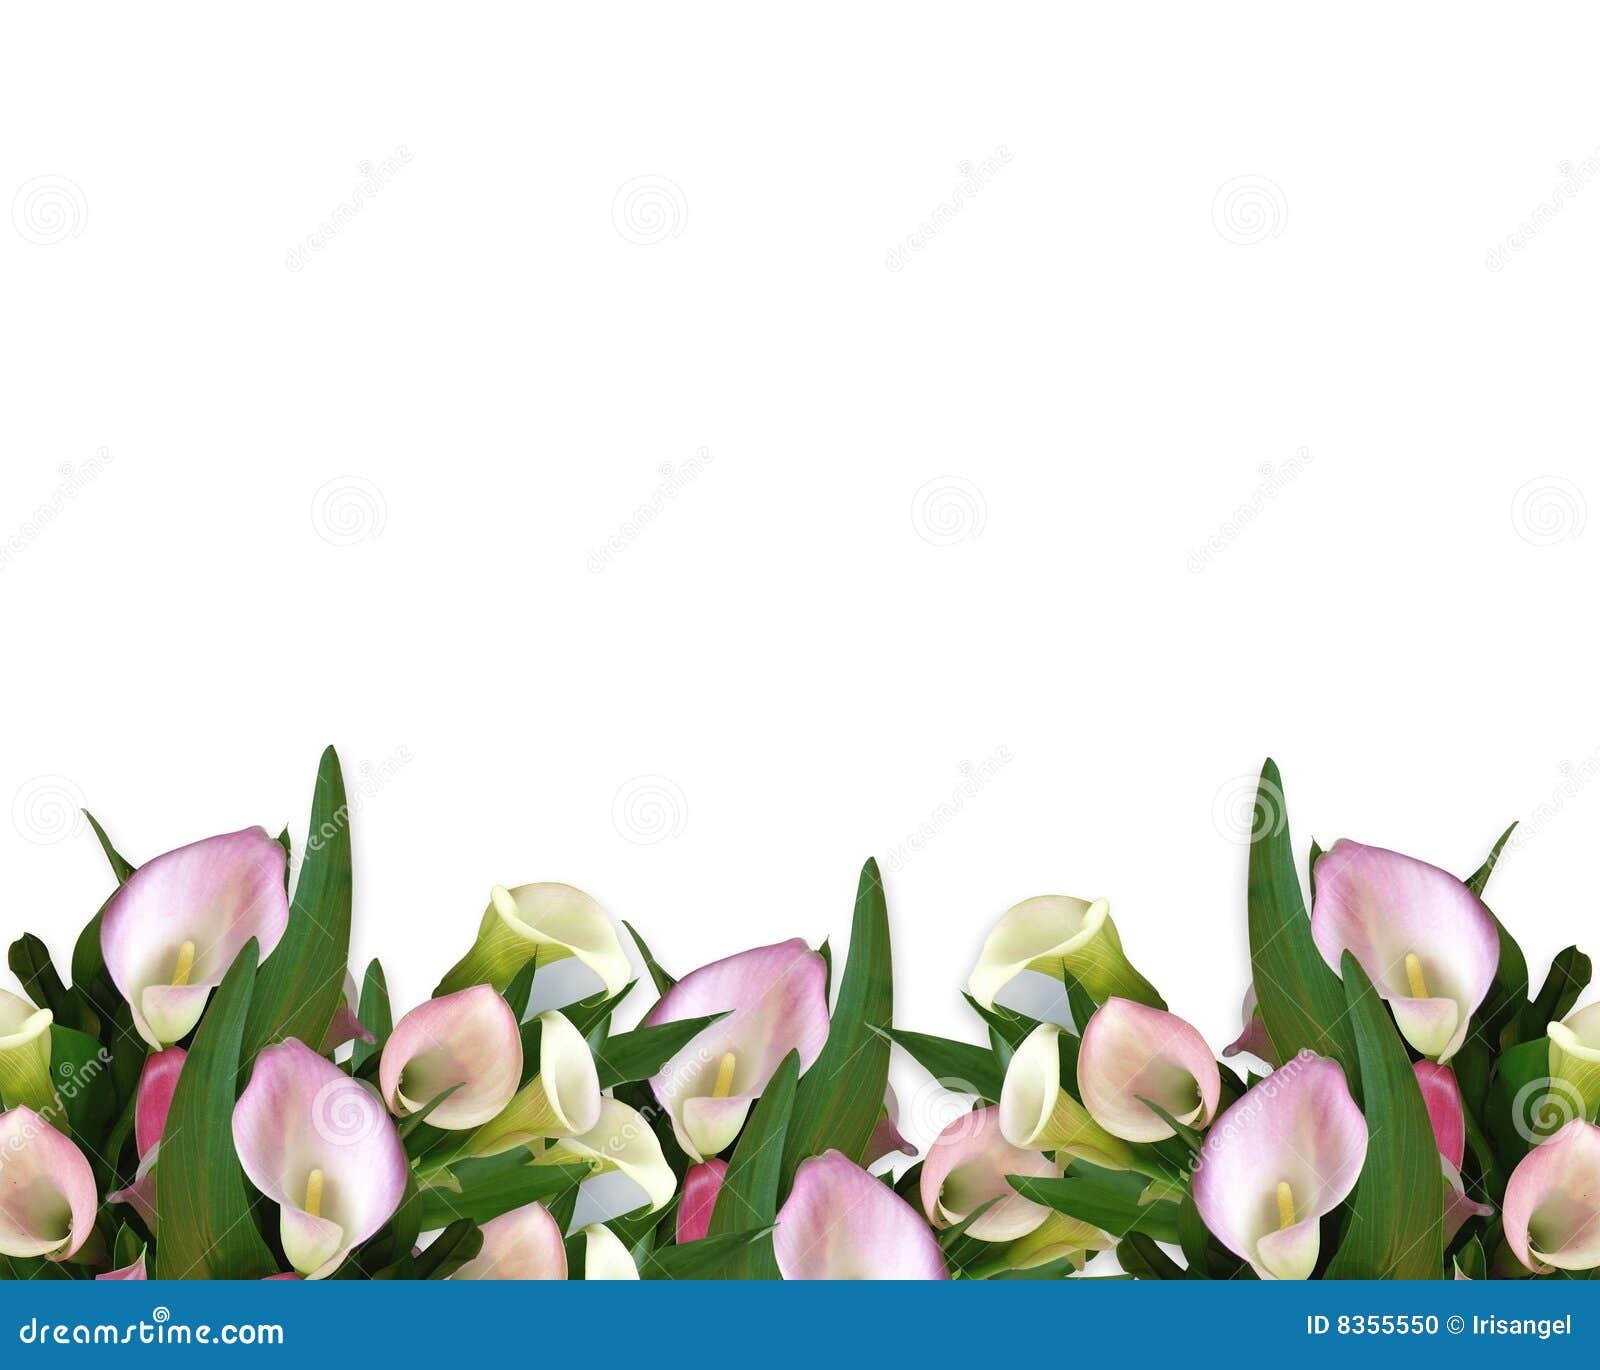 calla lilies border stock photo